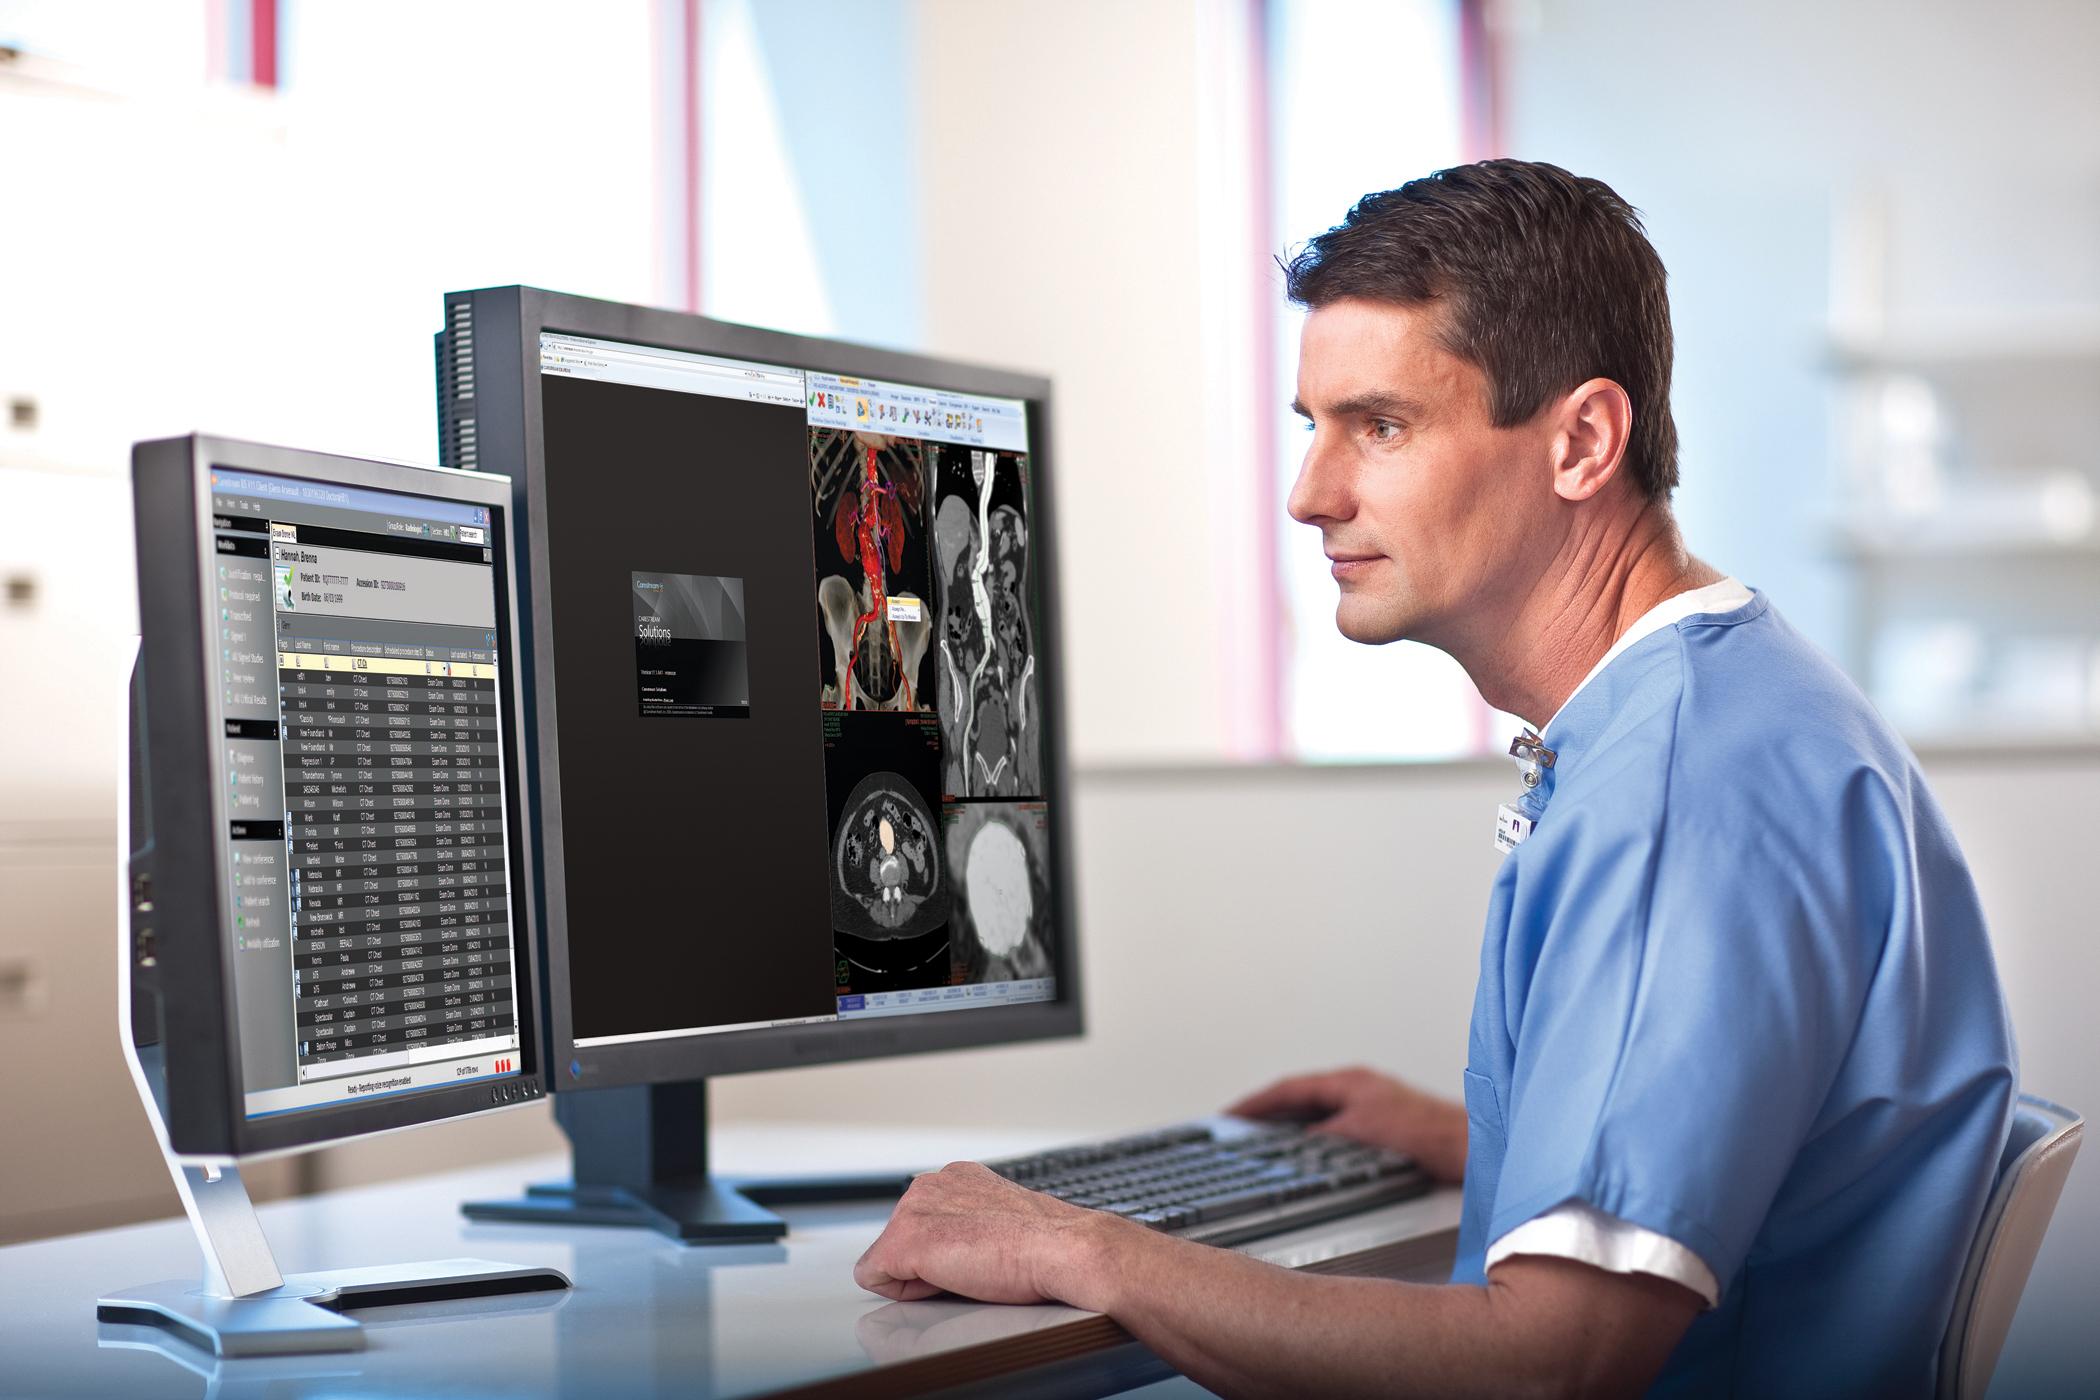 Chẩn đoán hình ảnh - Ứng dụng CNTT hoàn hảo trong lĩnh vực Y tế